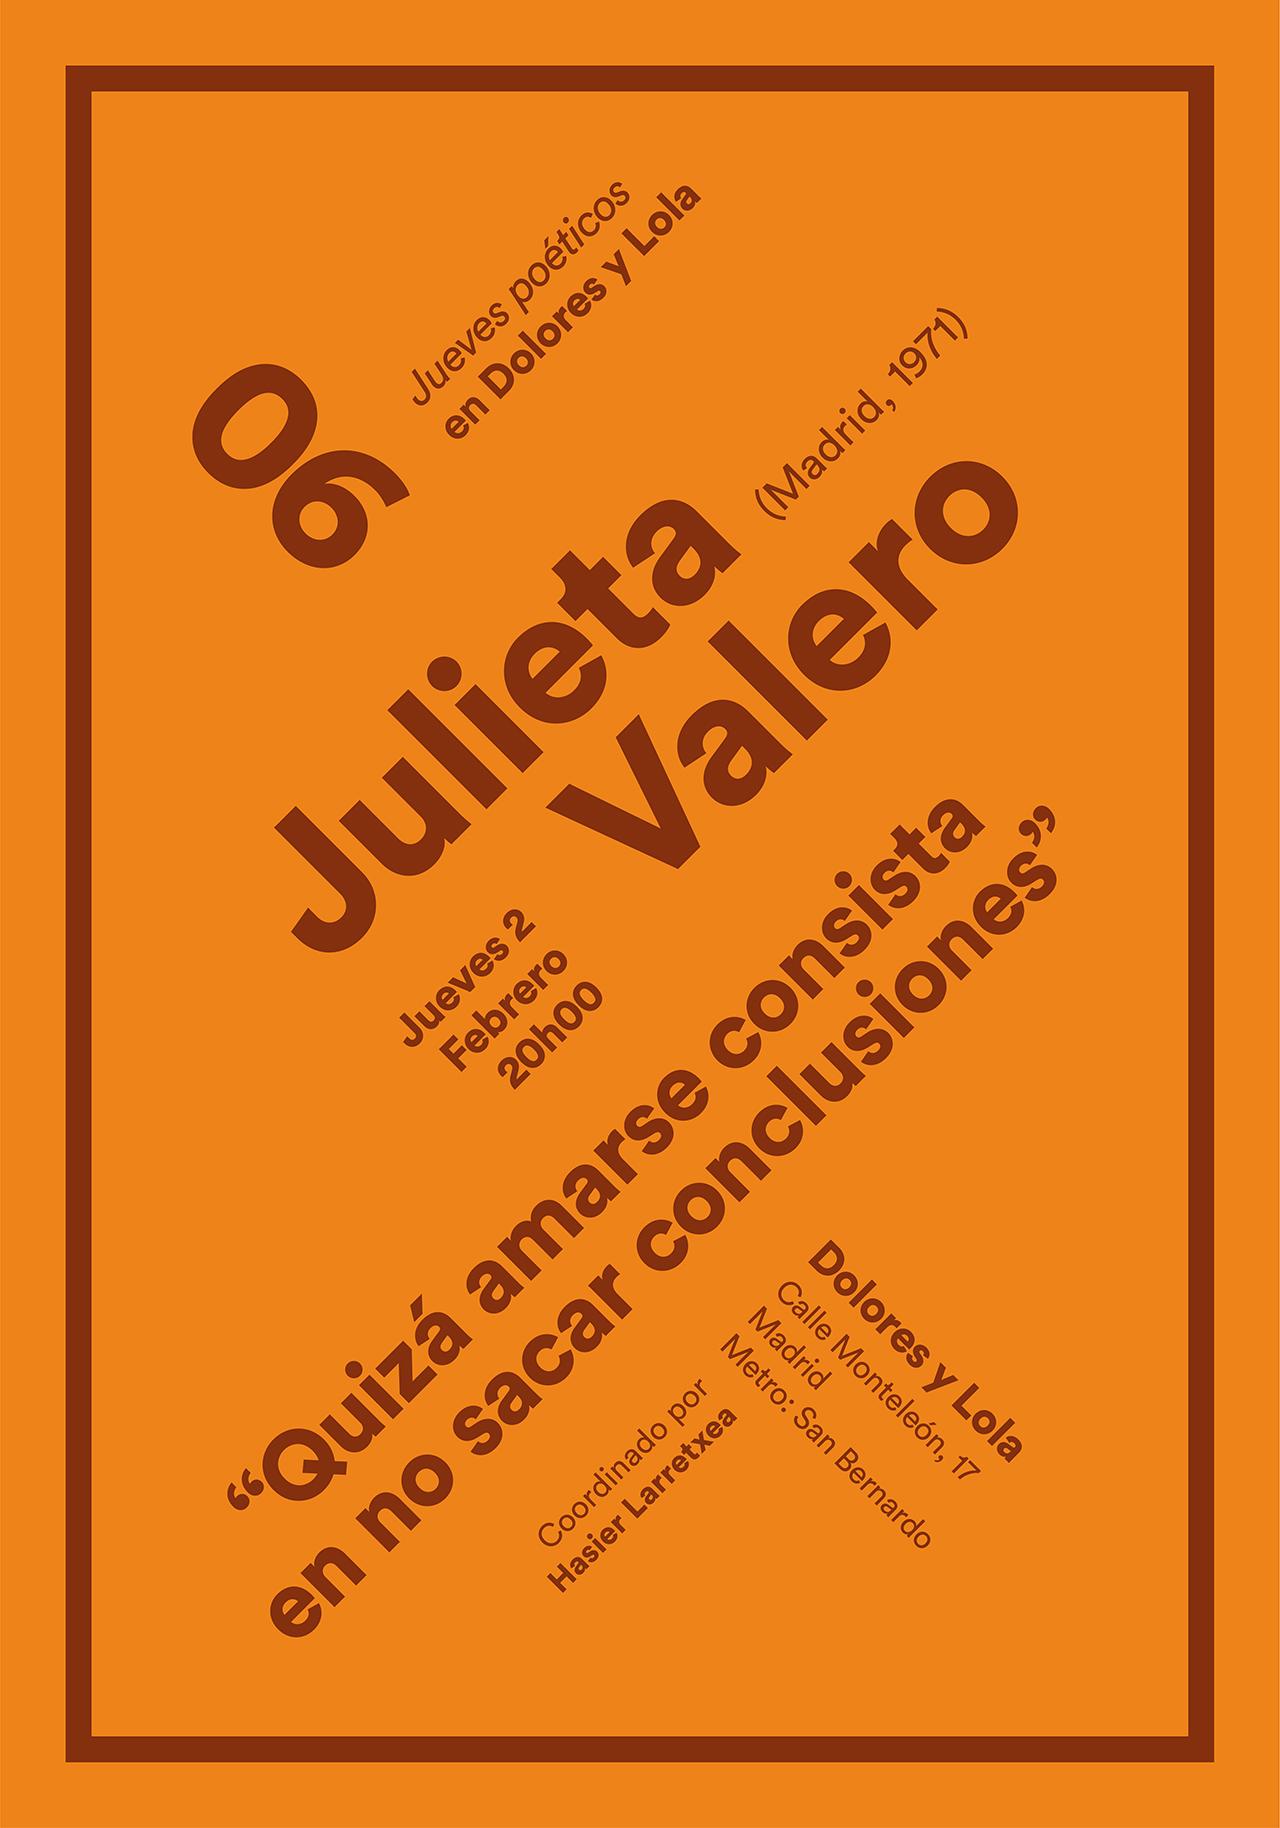 06_julieta_poster